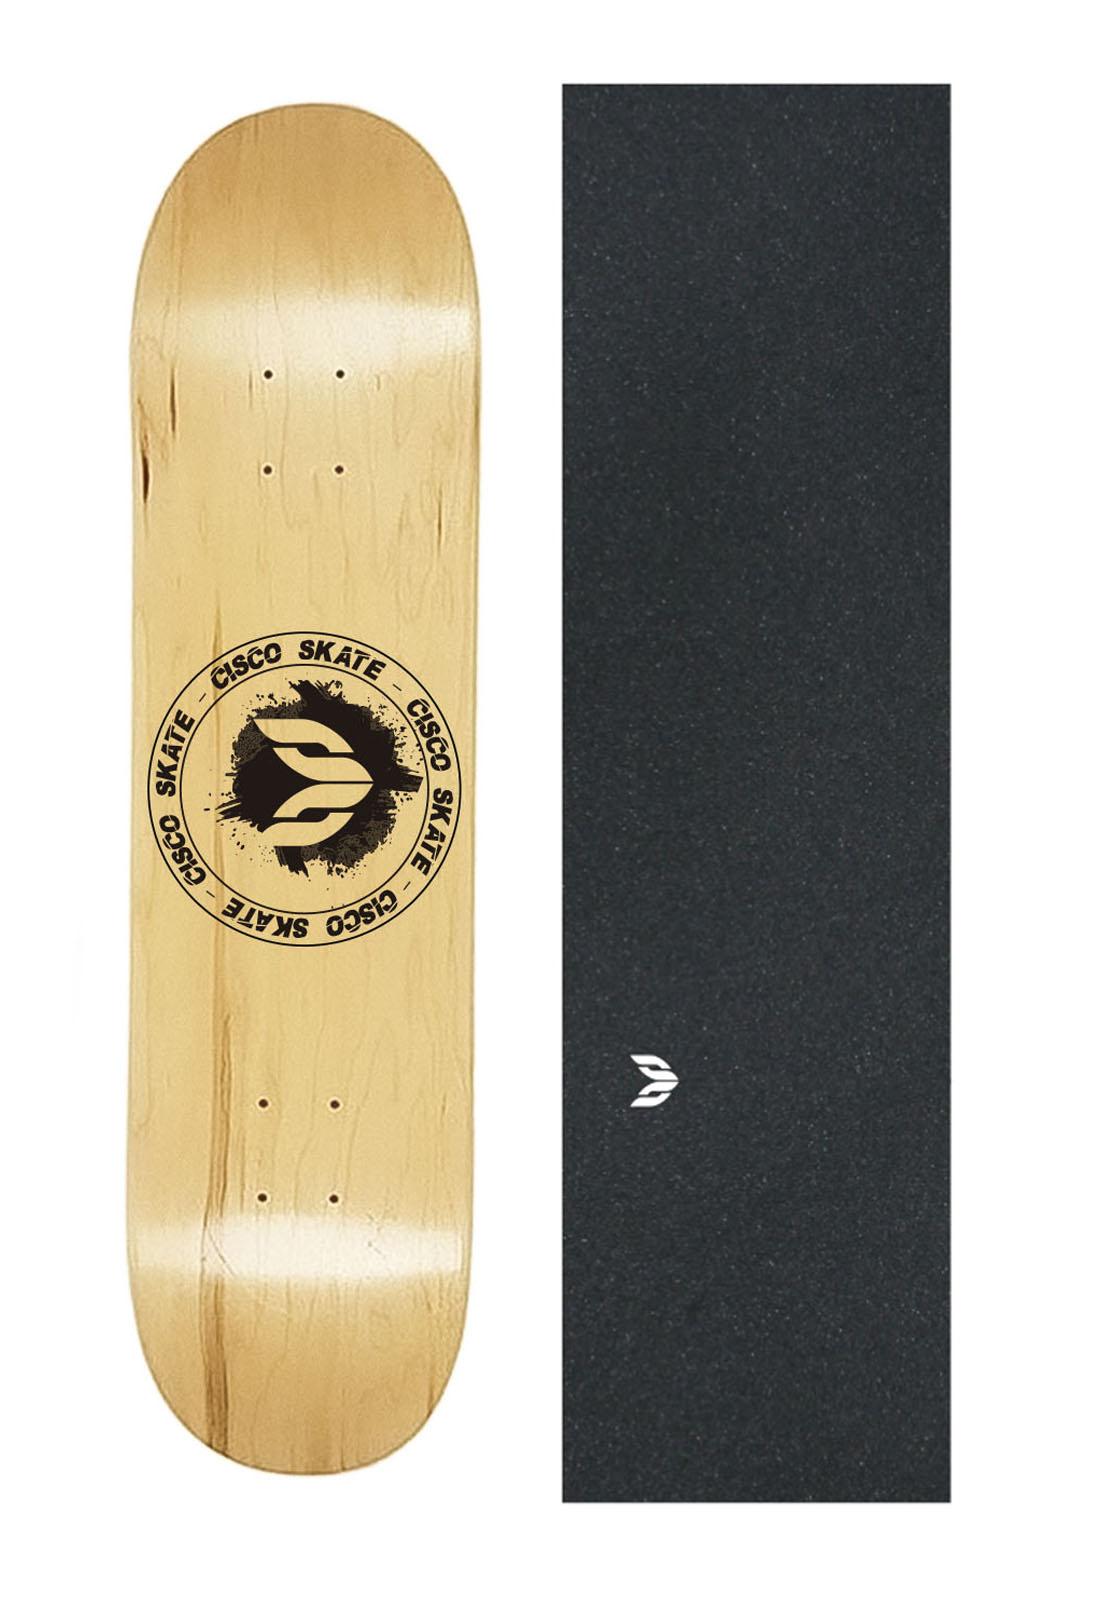 Shape Cisco Skate Maple Canadense Importado Logo Black + Lx Emborrachada